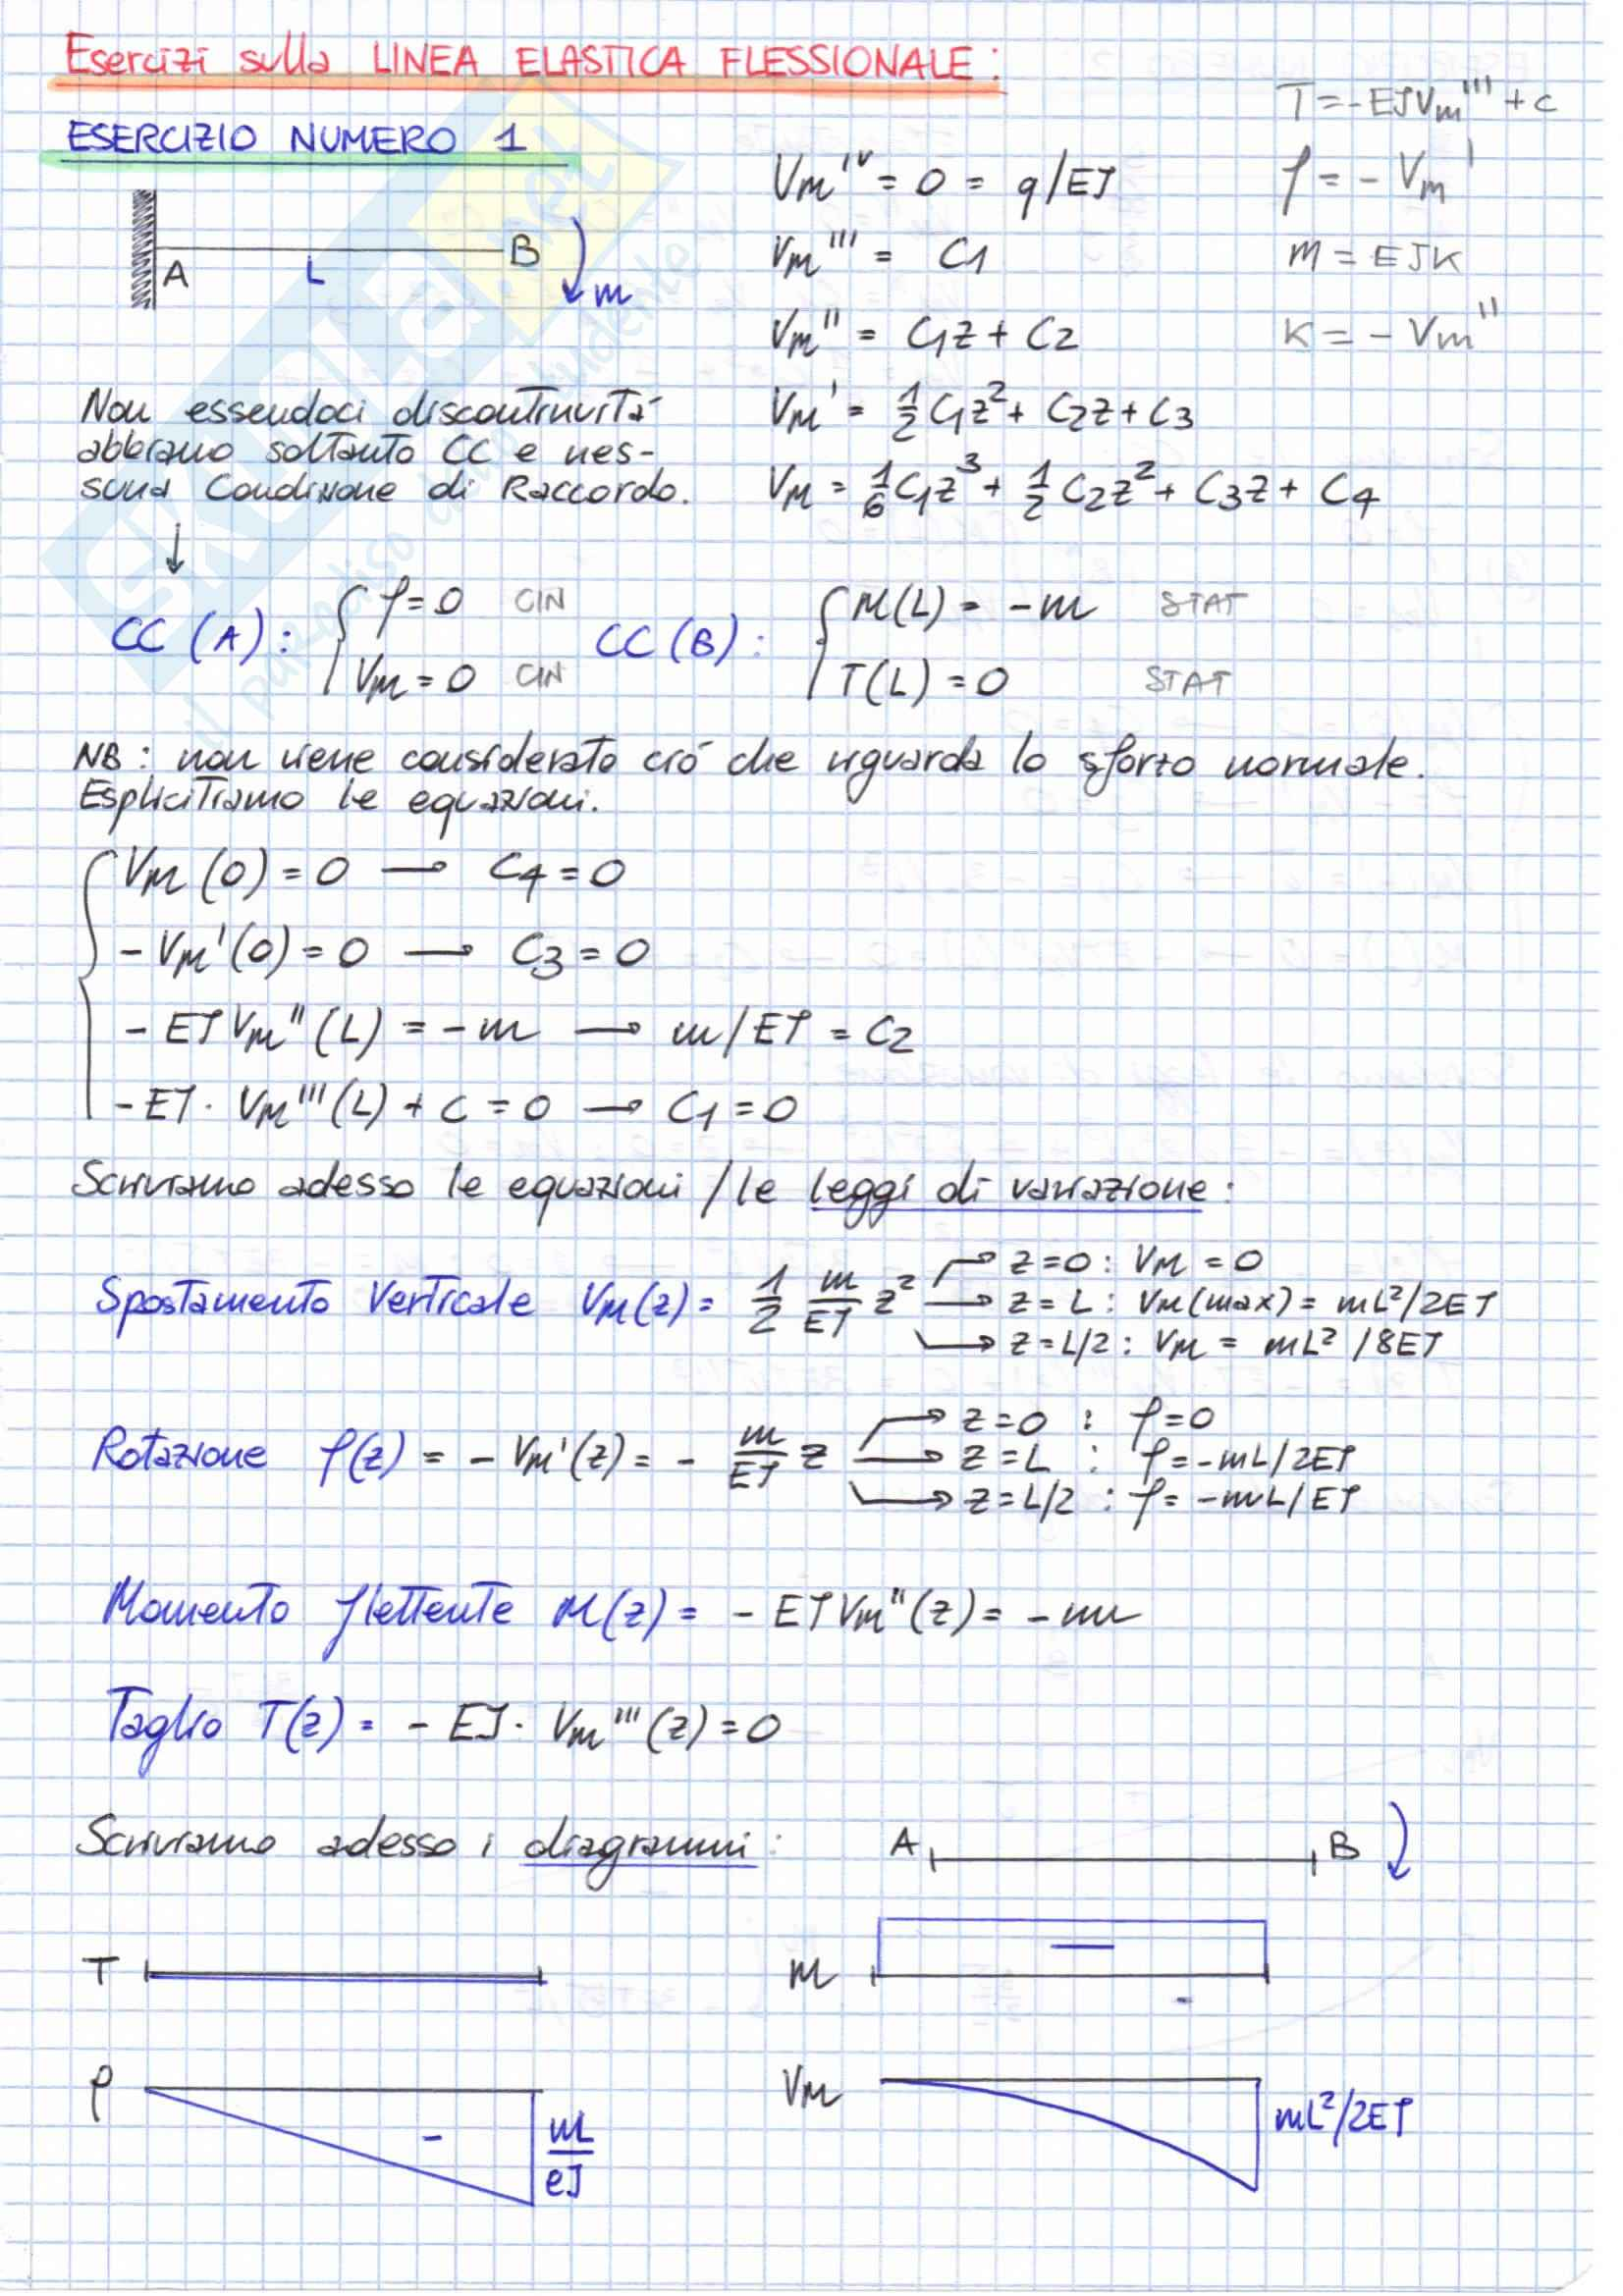 PLV e LINEA ELASTICA, Scienza delle Costruzioni Pag. 16